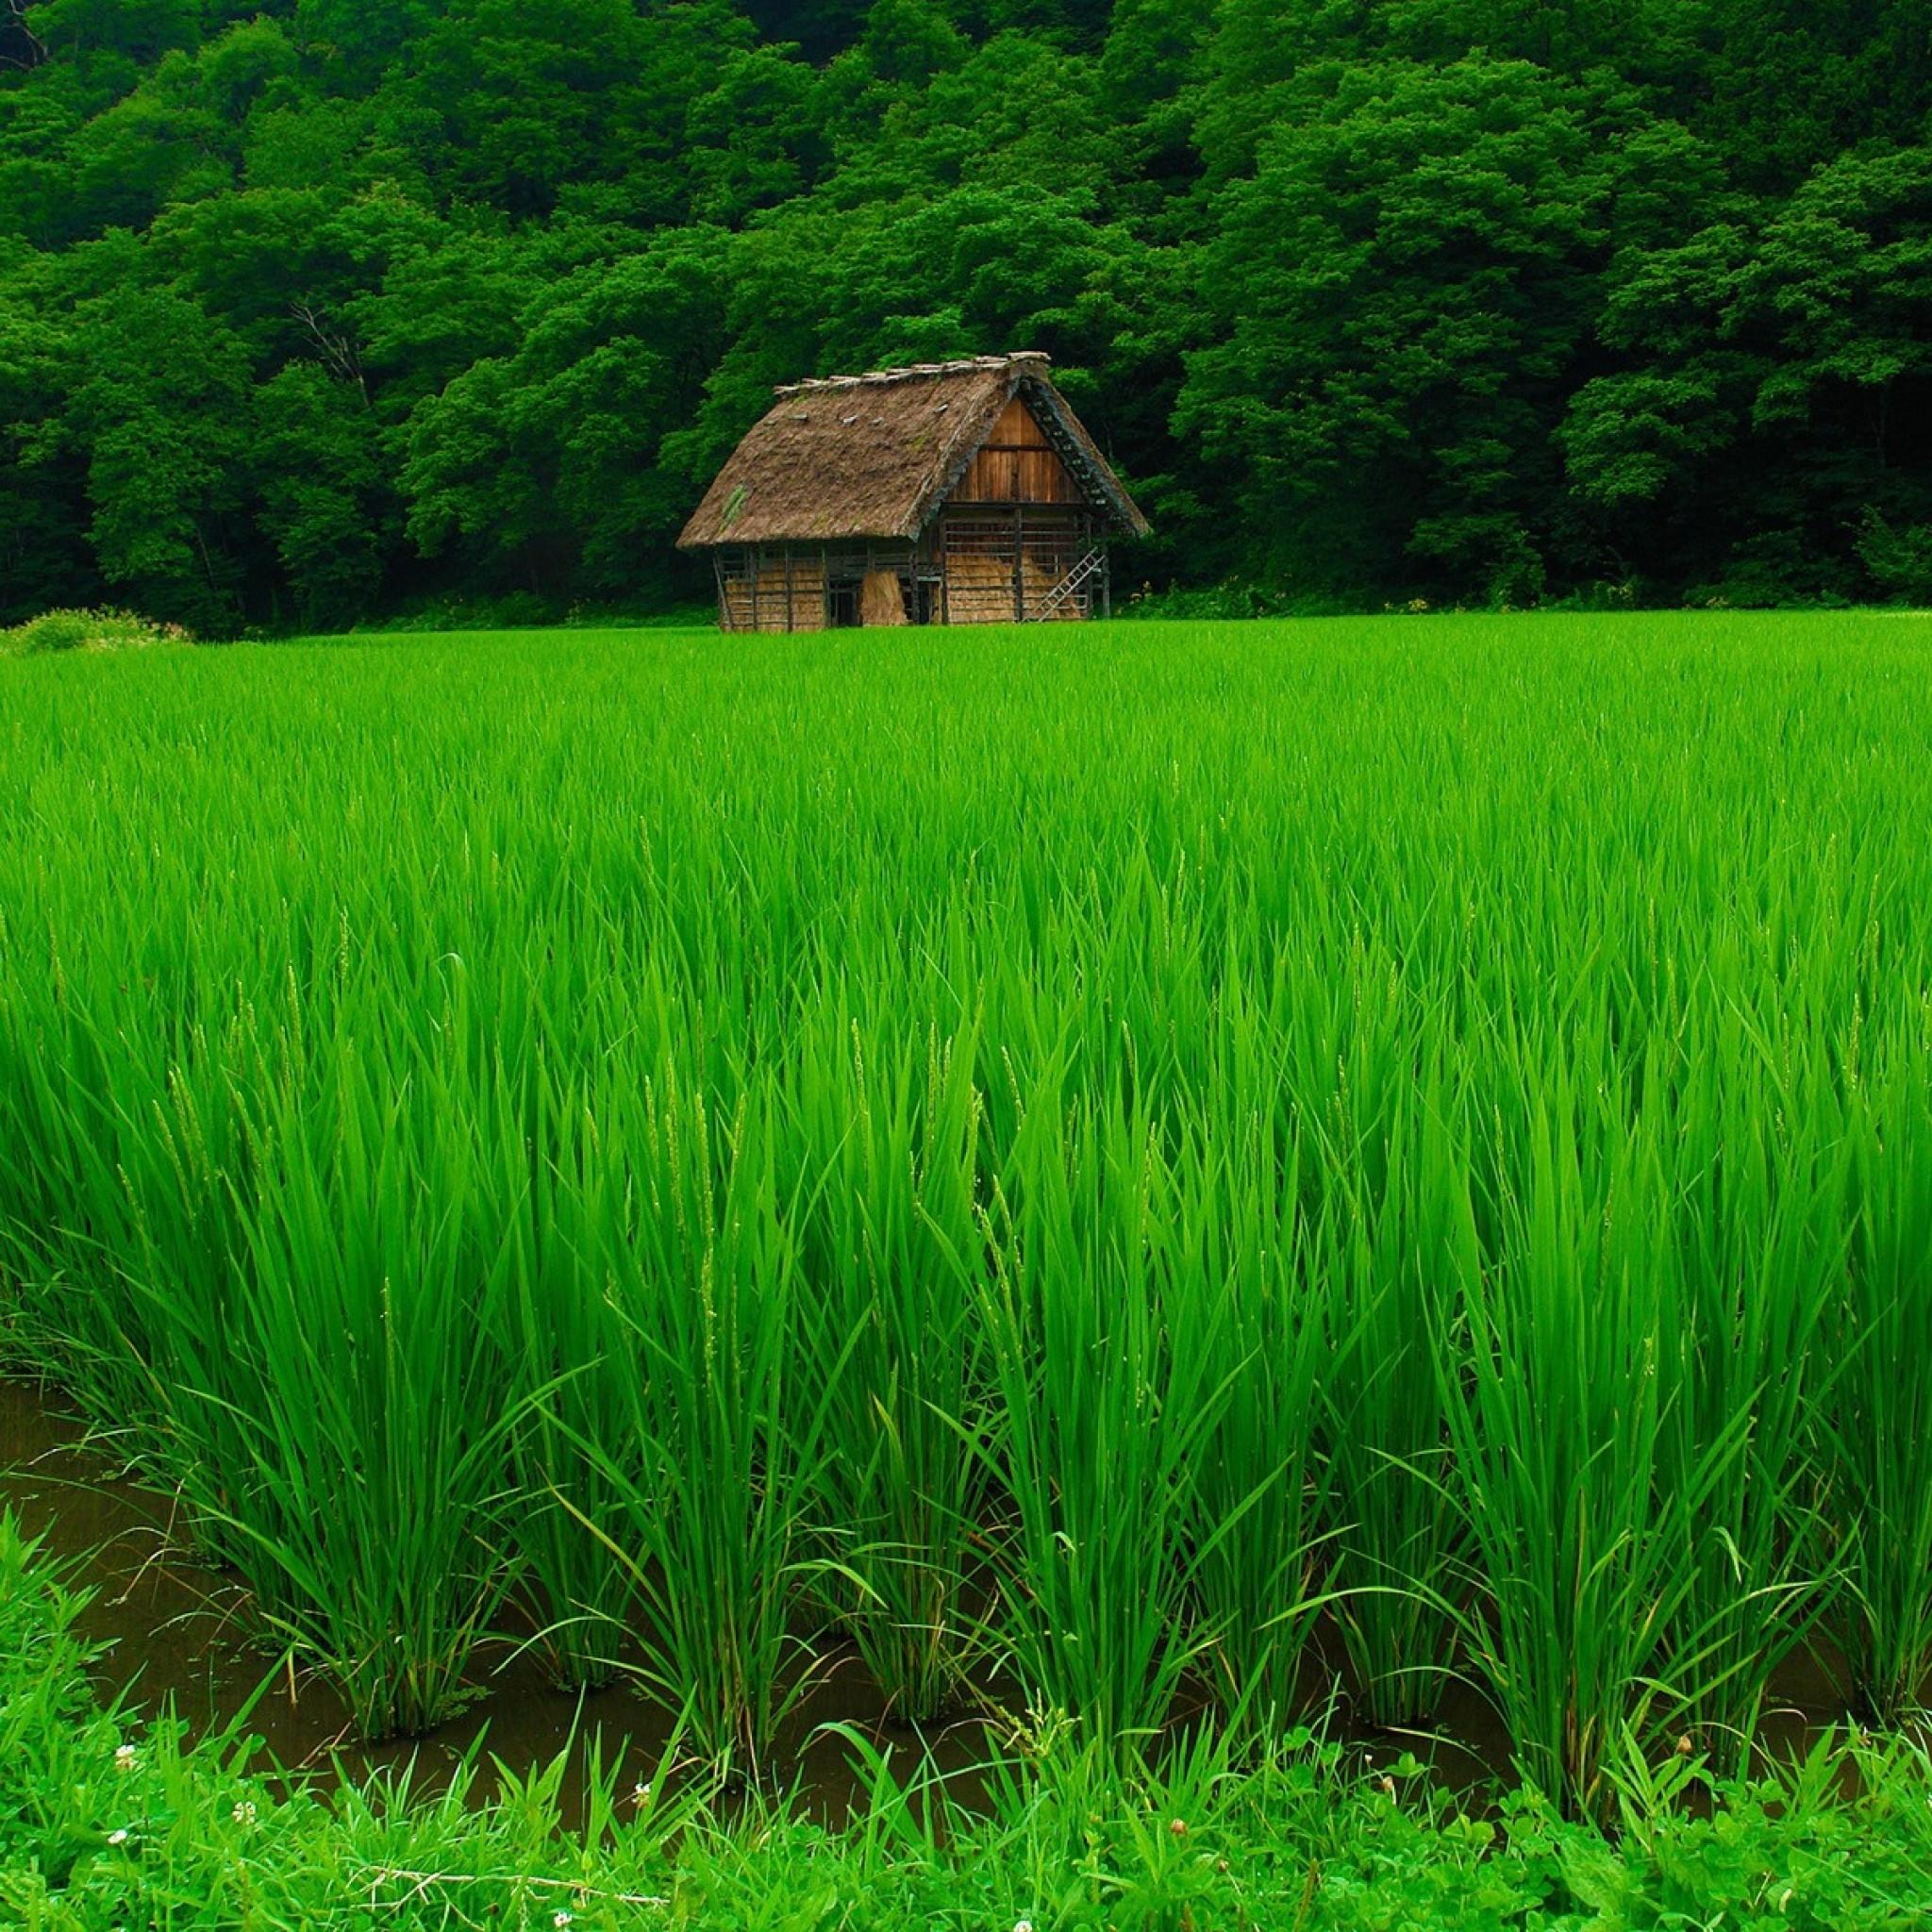 Grass Lawn Beautiful Summer - Green Nature - HD Wallpaper